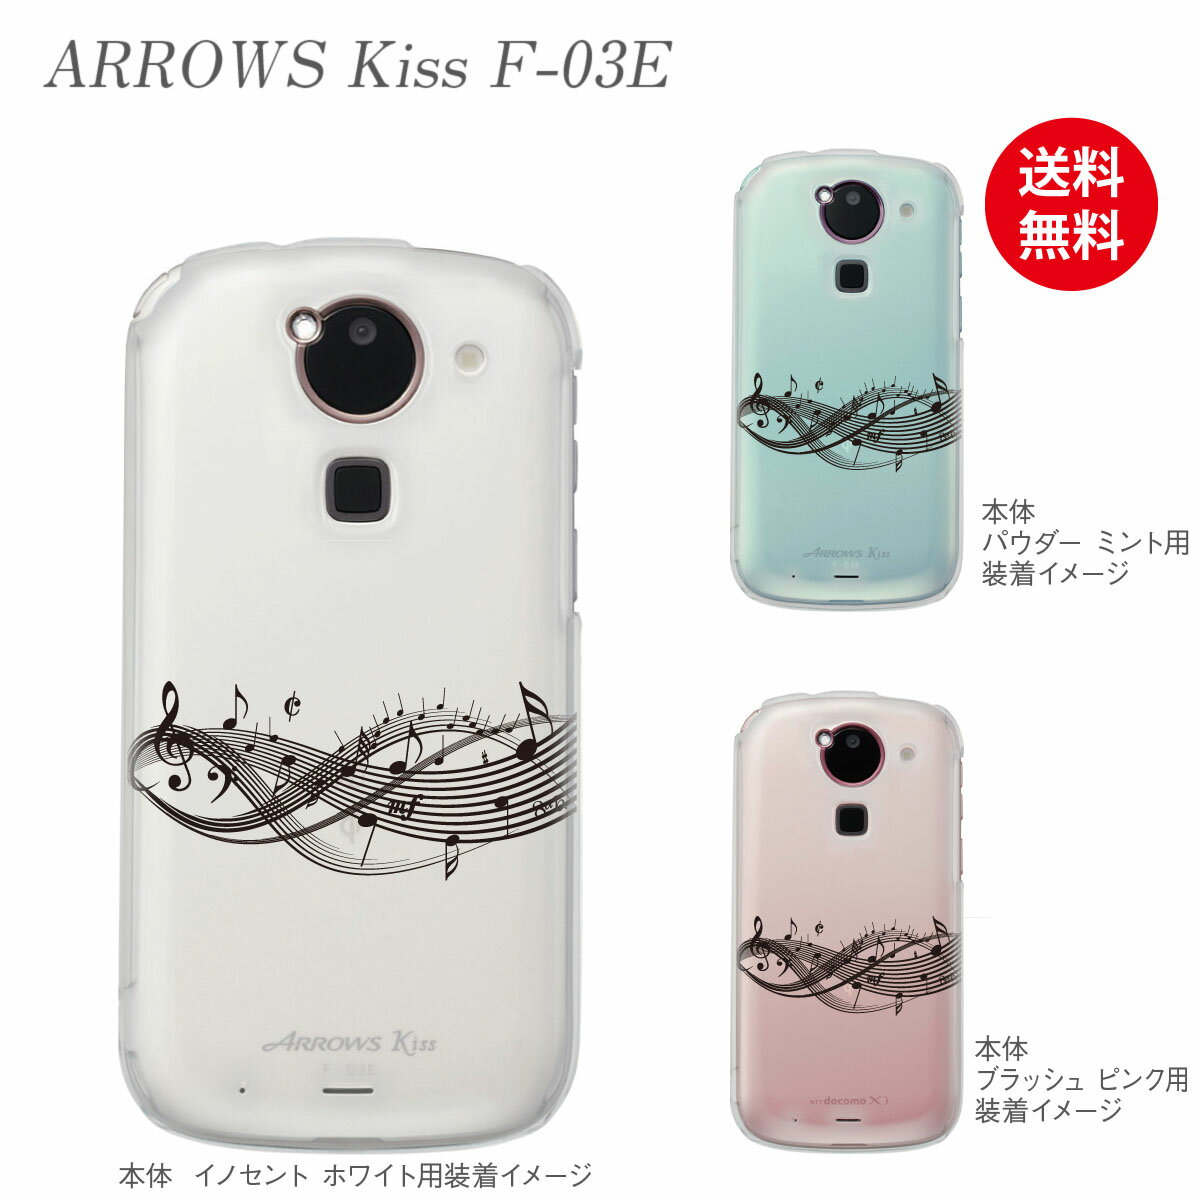 スマートフォン・携帯電話アクセサリー, ケース・カバー ARROWSF-03Edocomo 09-f03e-mu0006